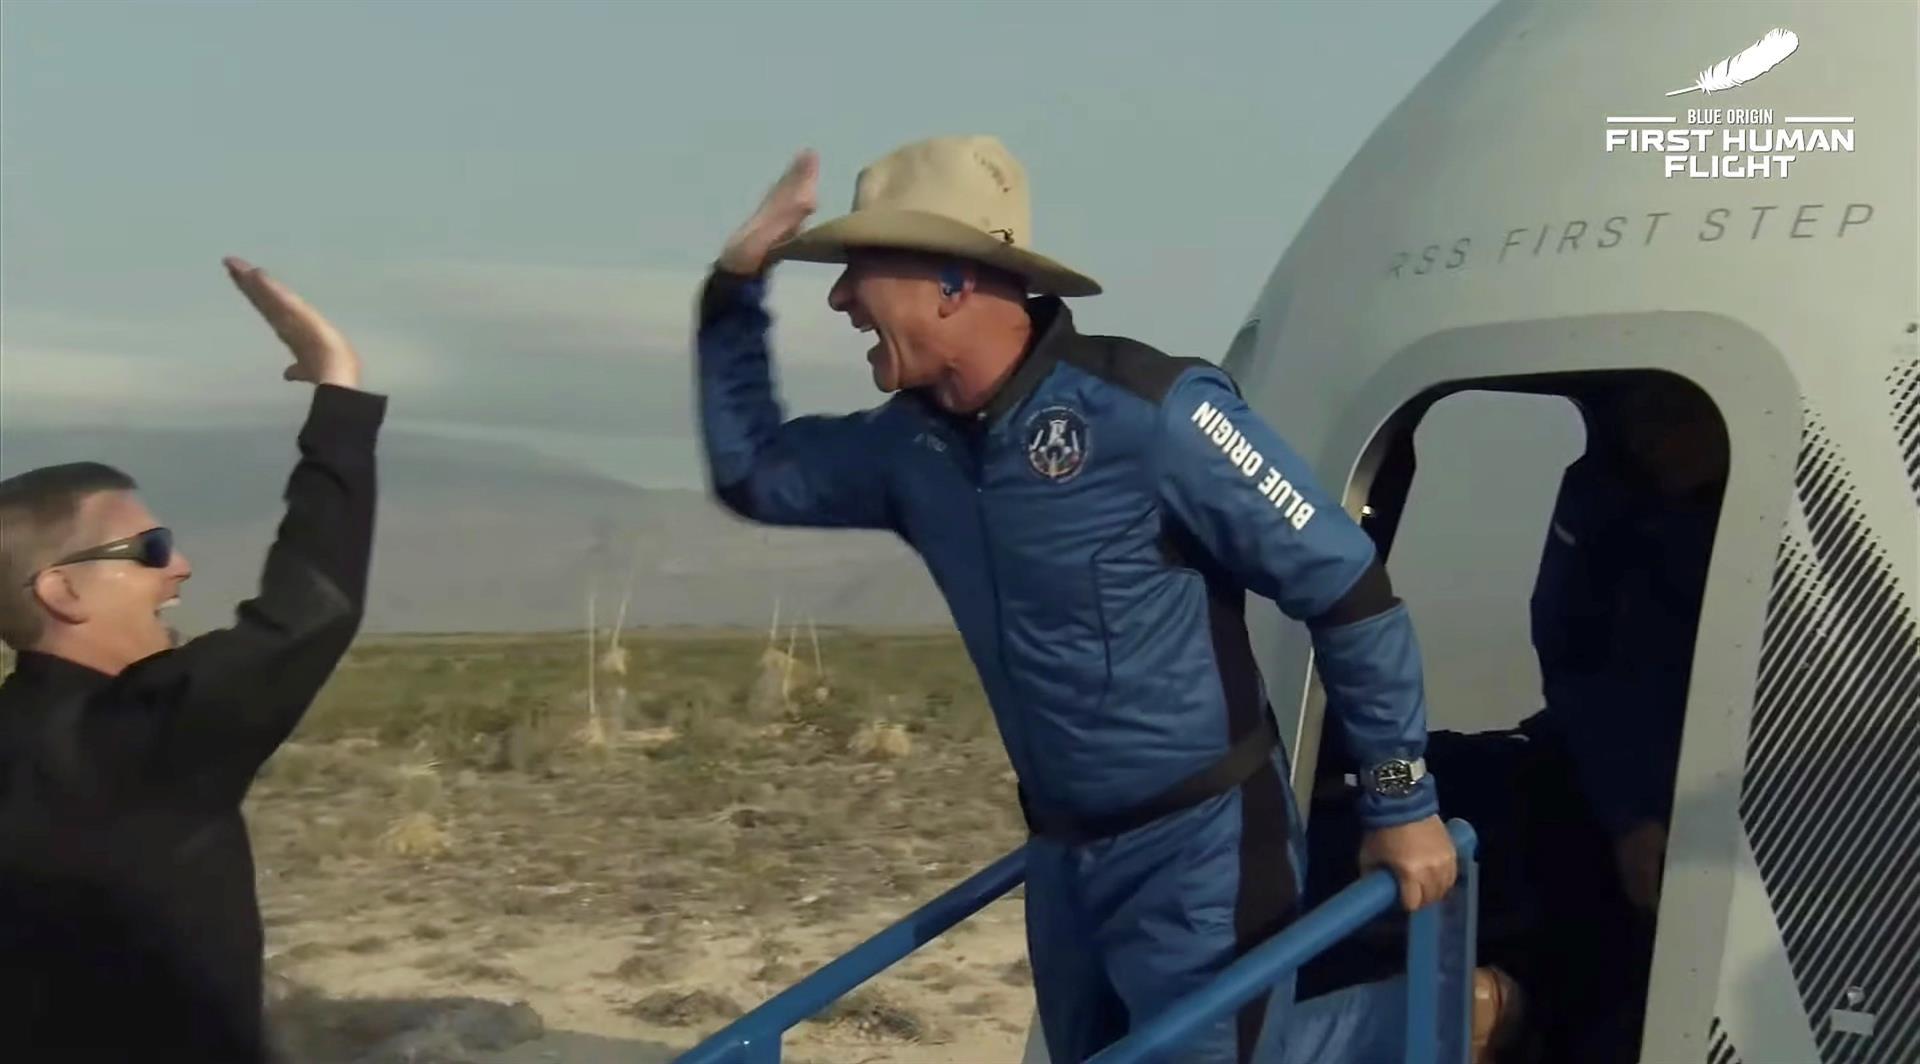 Jeff Bezos al abandonar una cápsula de Blue Origin New Shepard, luego del viaje al espacio. FOTO: Blue Origin